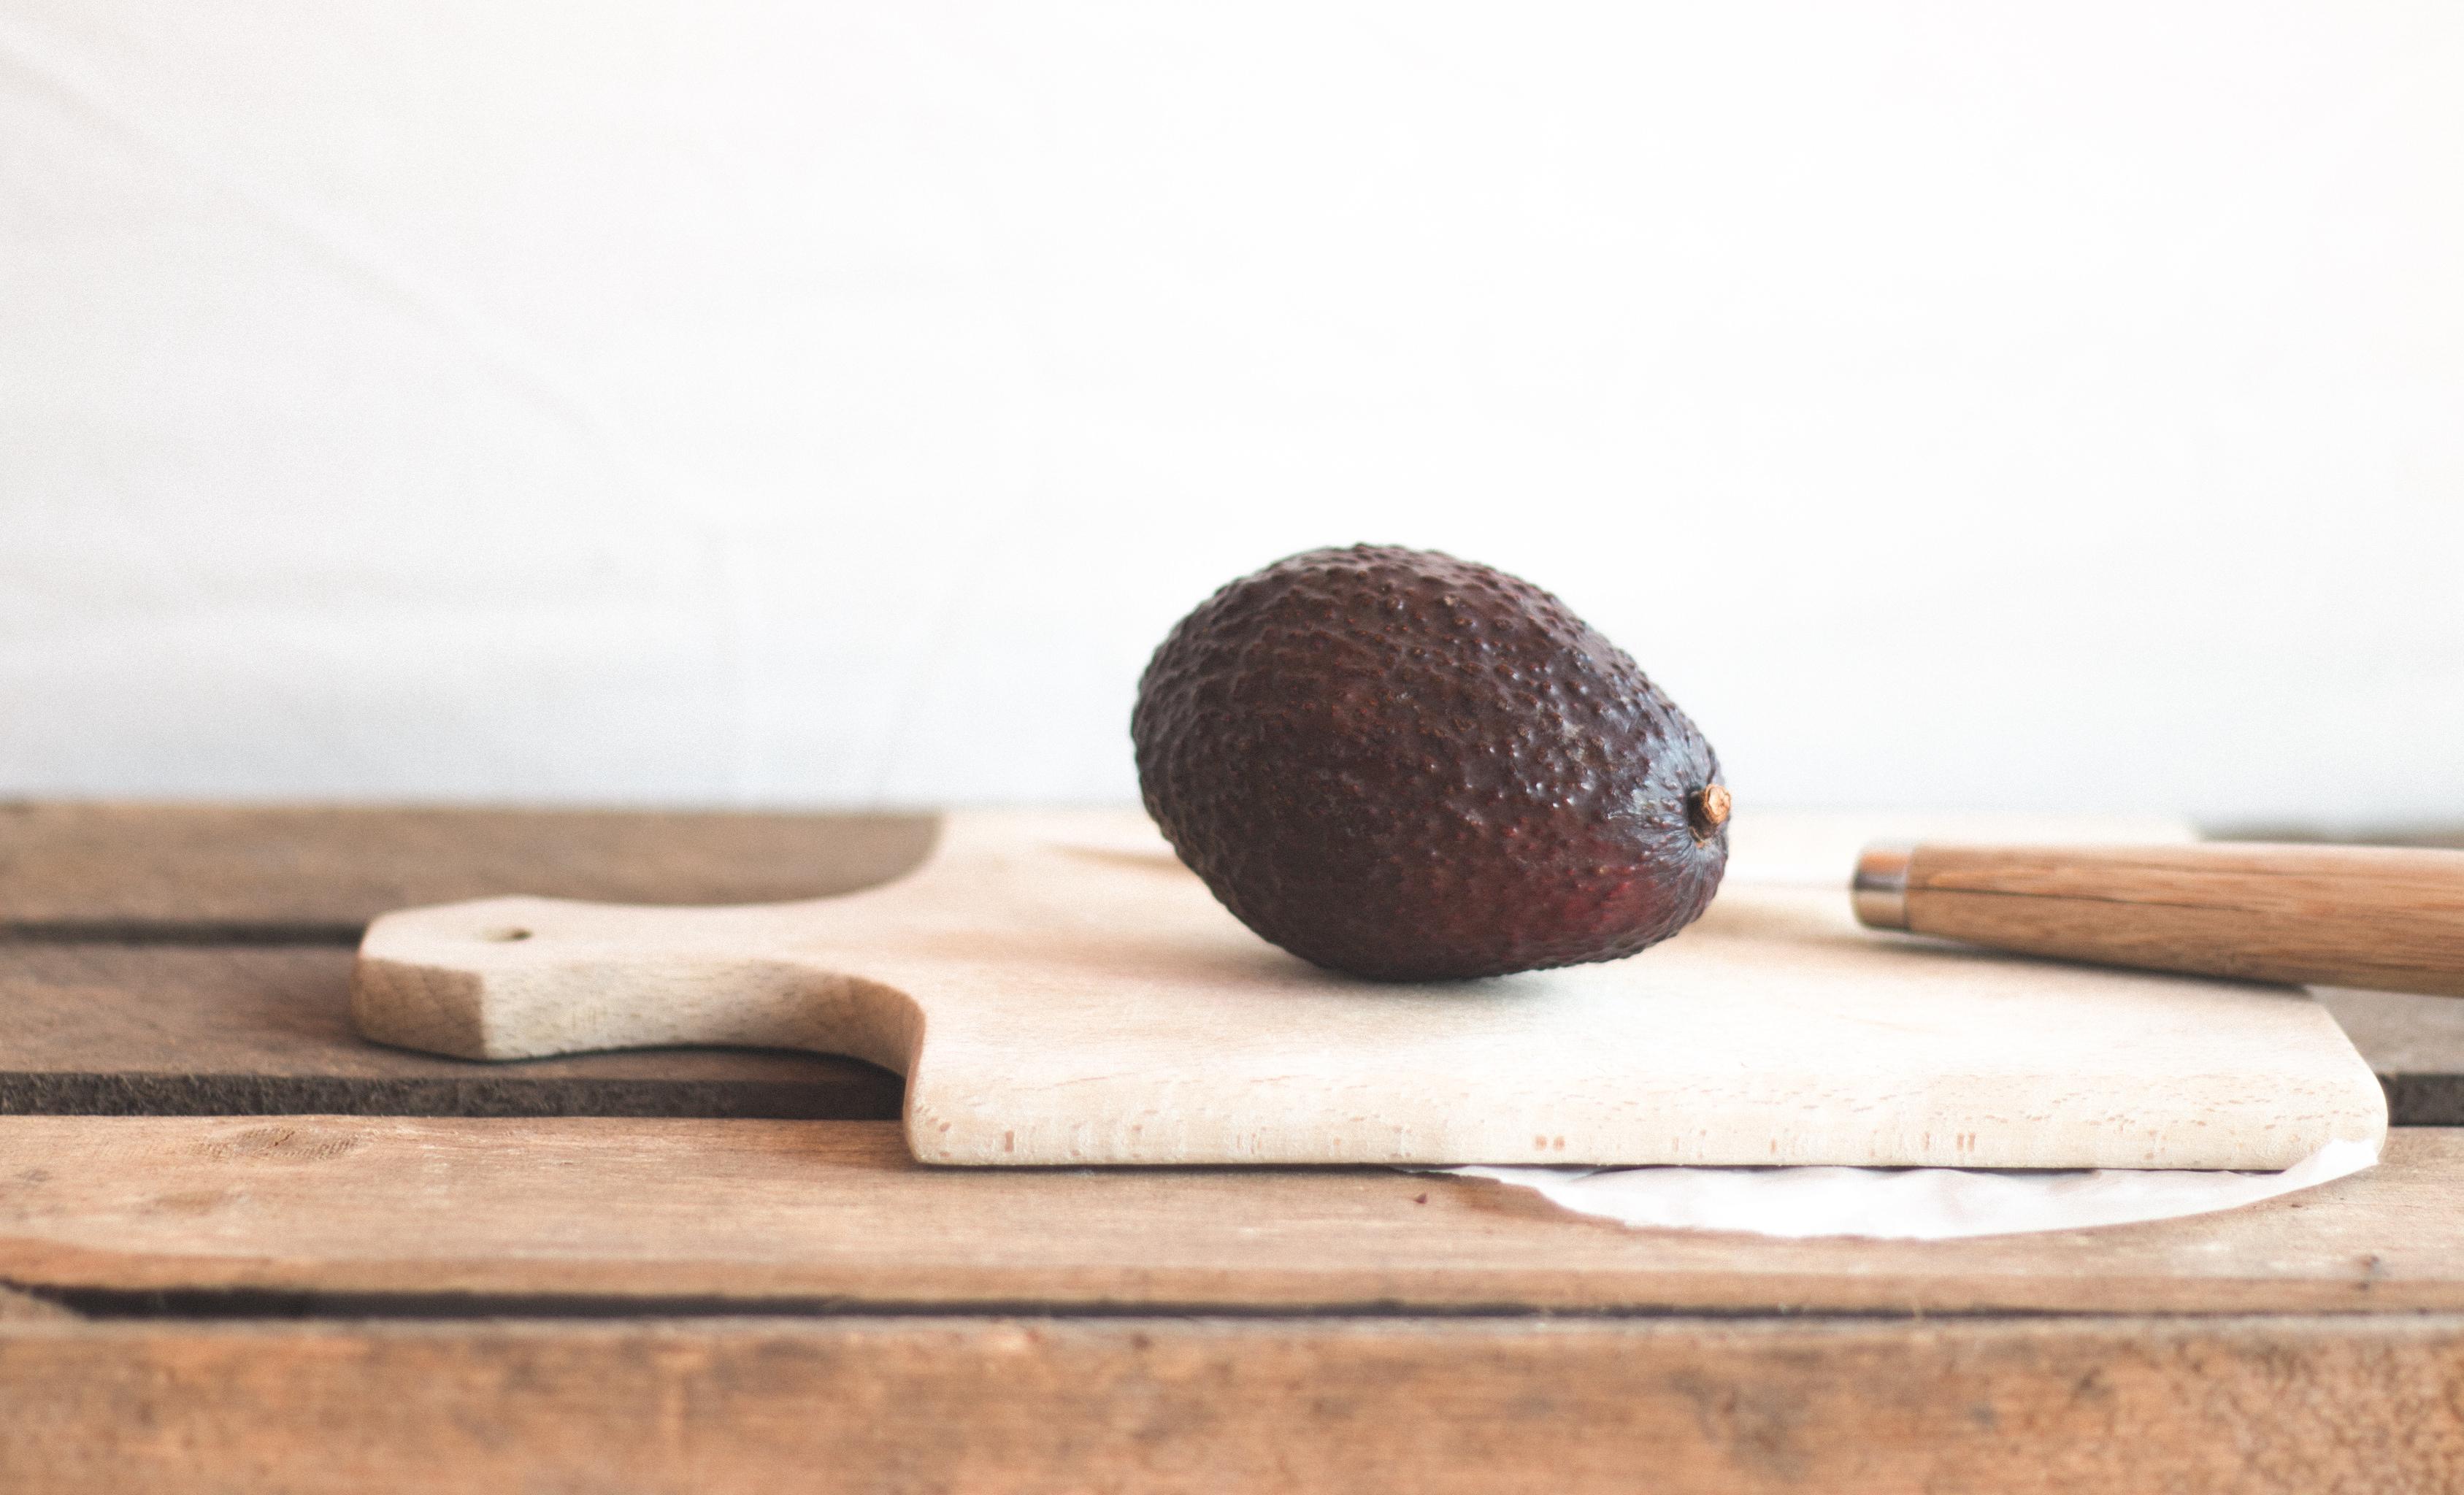 wie schmeckt eine avocado avocadosorten wie erkennt man eine reife frucht frag mutti avocado. Black Bedroom Furniture Sets. Home Design Ideas